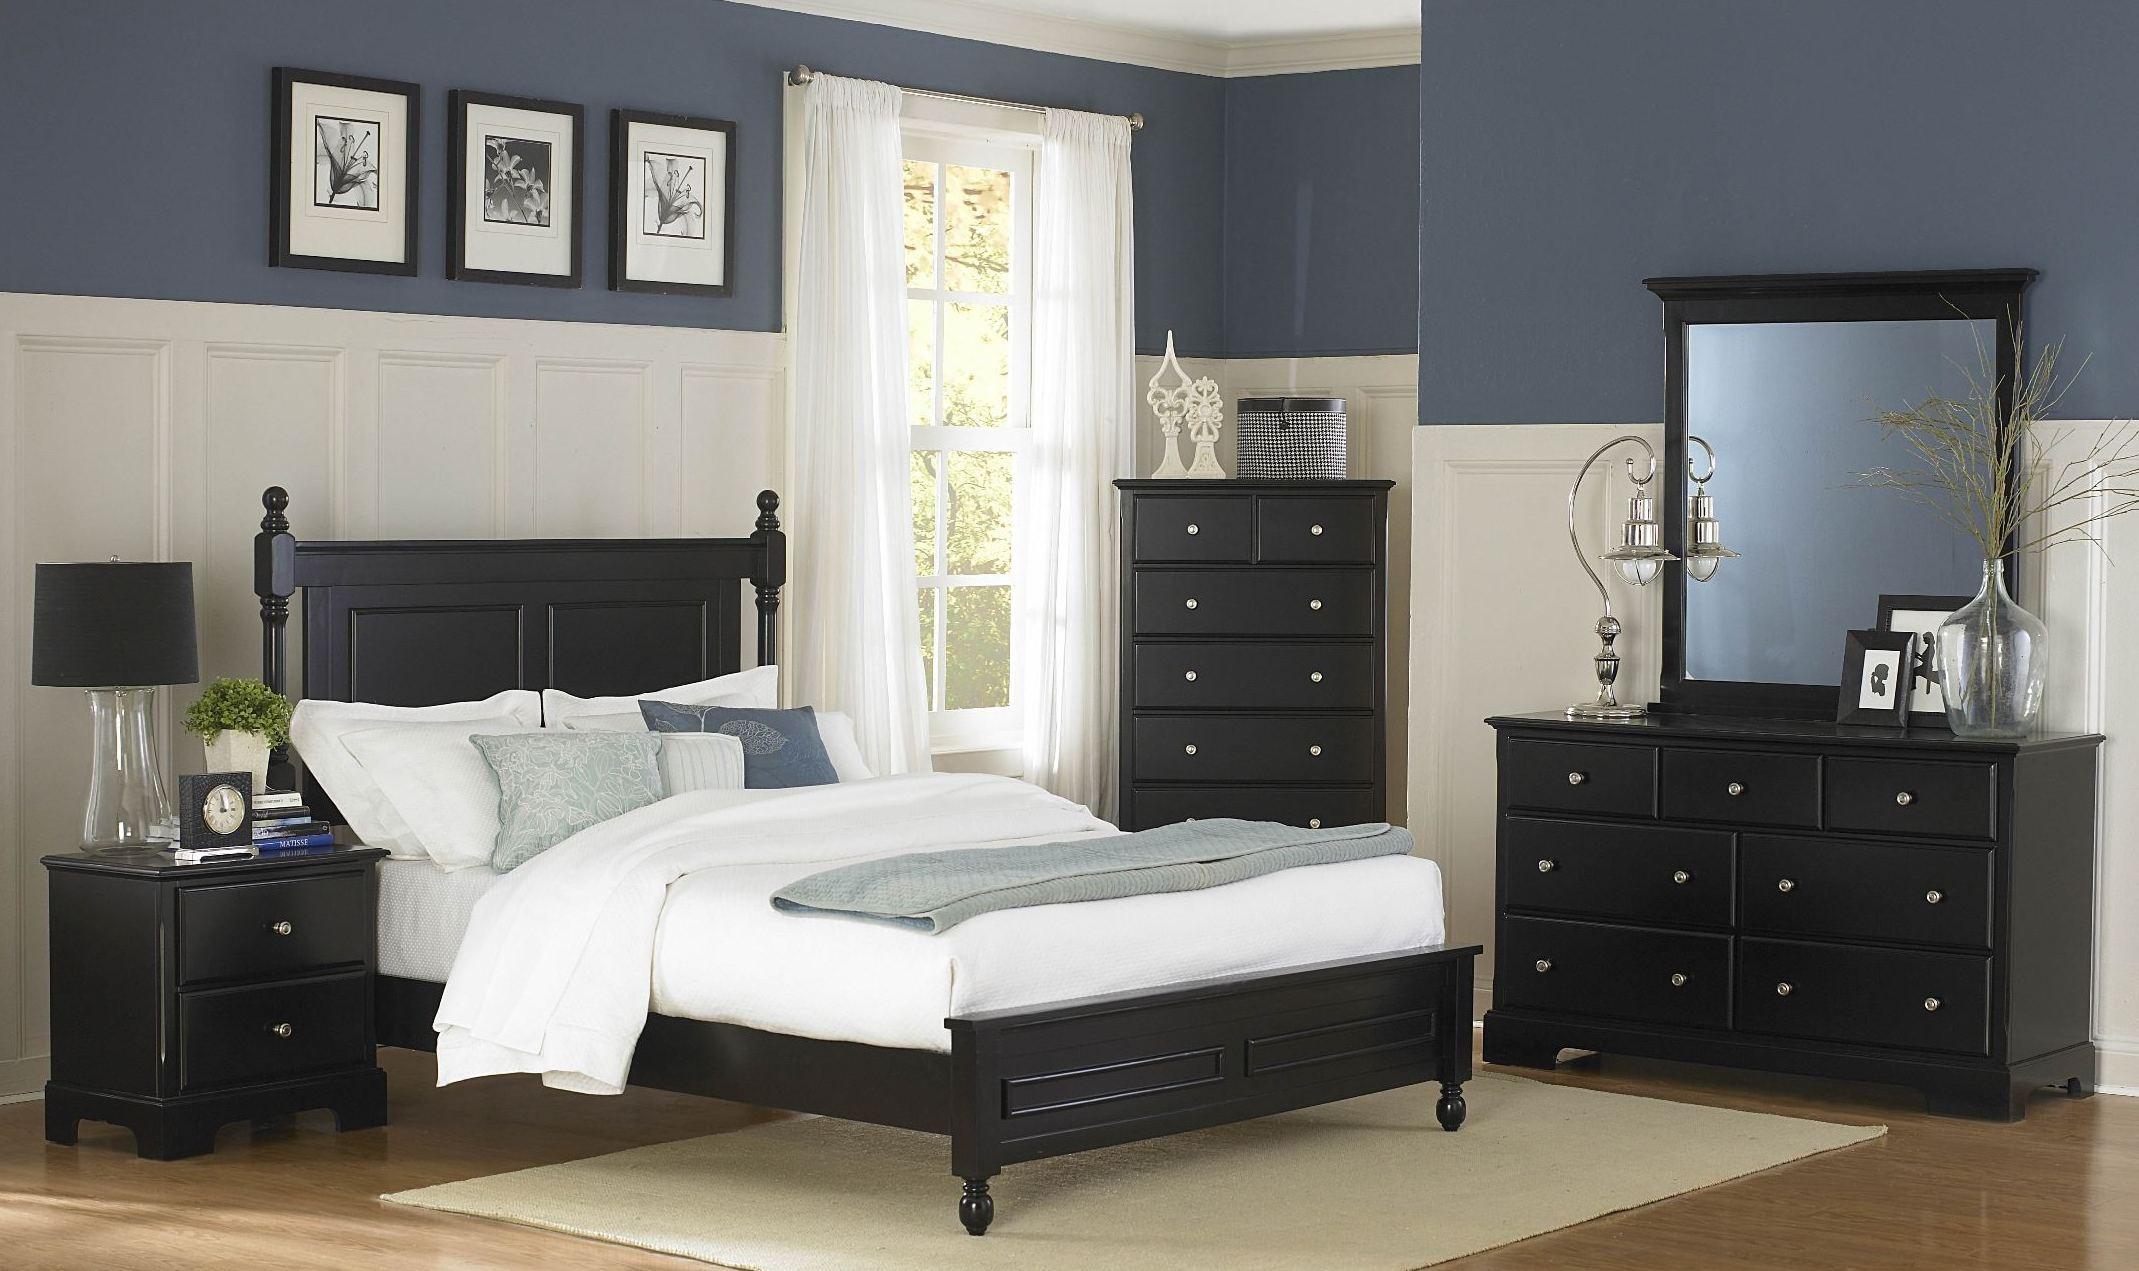 morelle panel bedroom set from homelegance 1356bk 1 coleman furniture. Black Bedroom Furniture Sets. Home Design Ideas